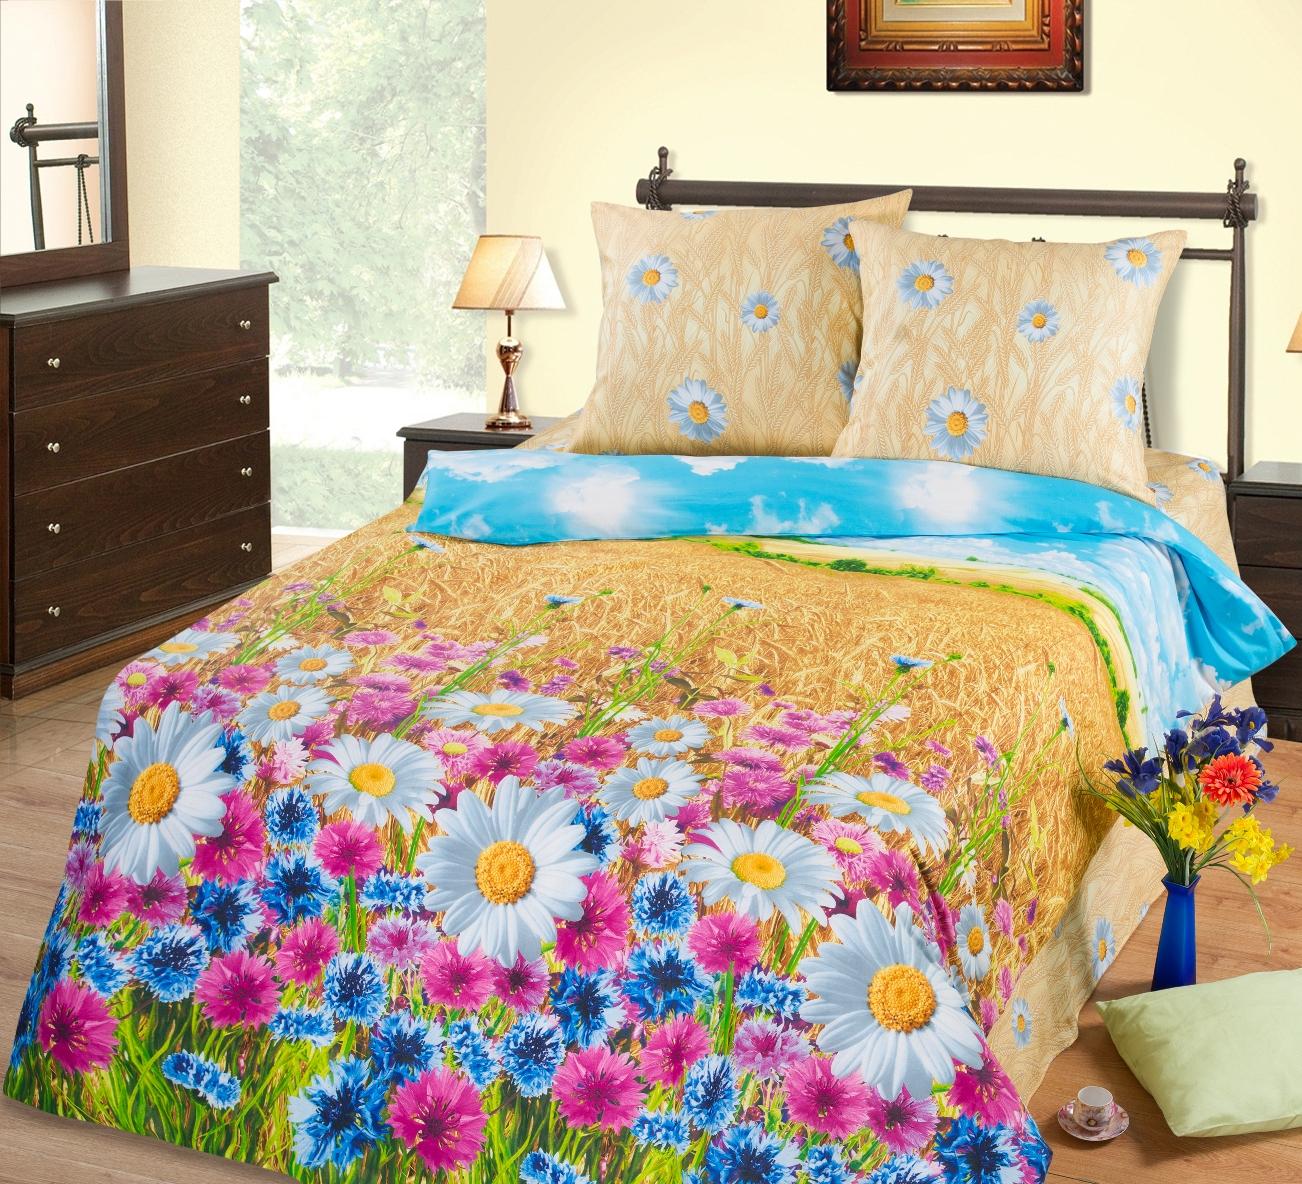 КПБ  Пшеничное поле , размер 2,0-спальный - Акции и скидки артикул: 8638